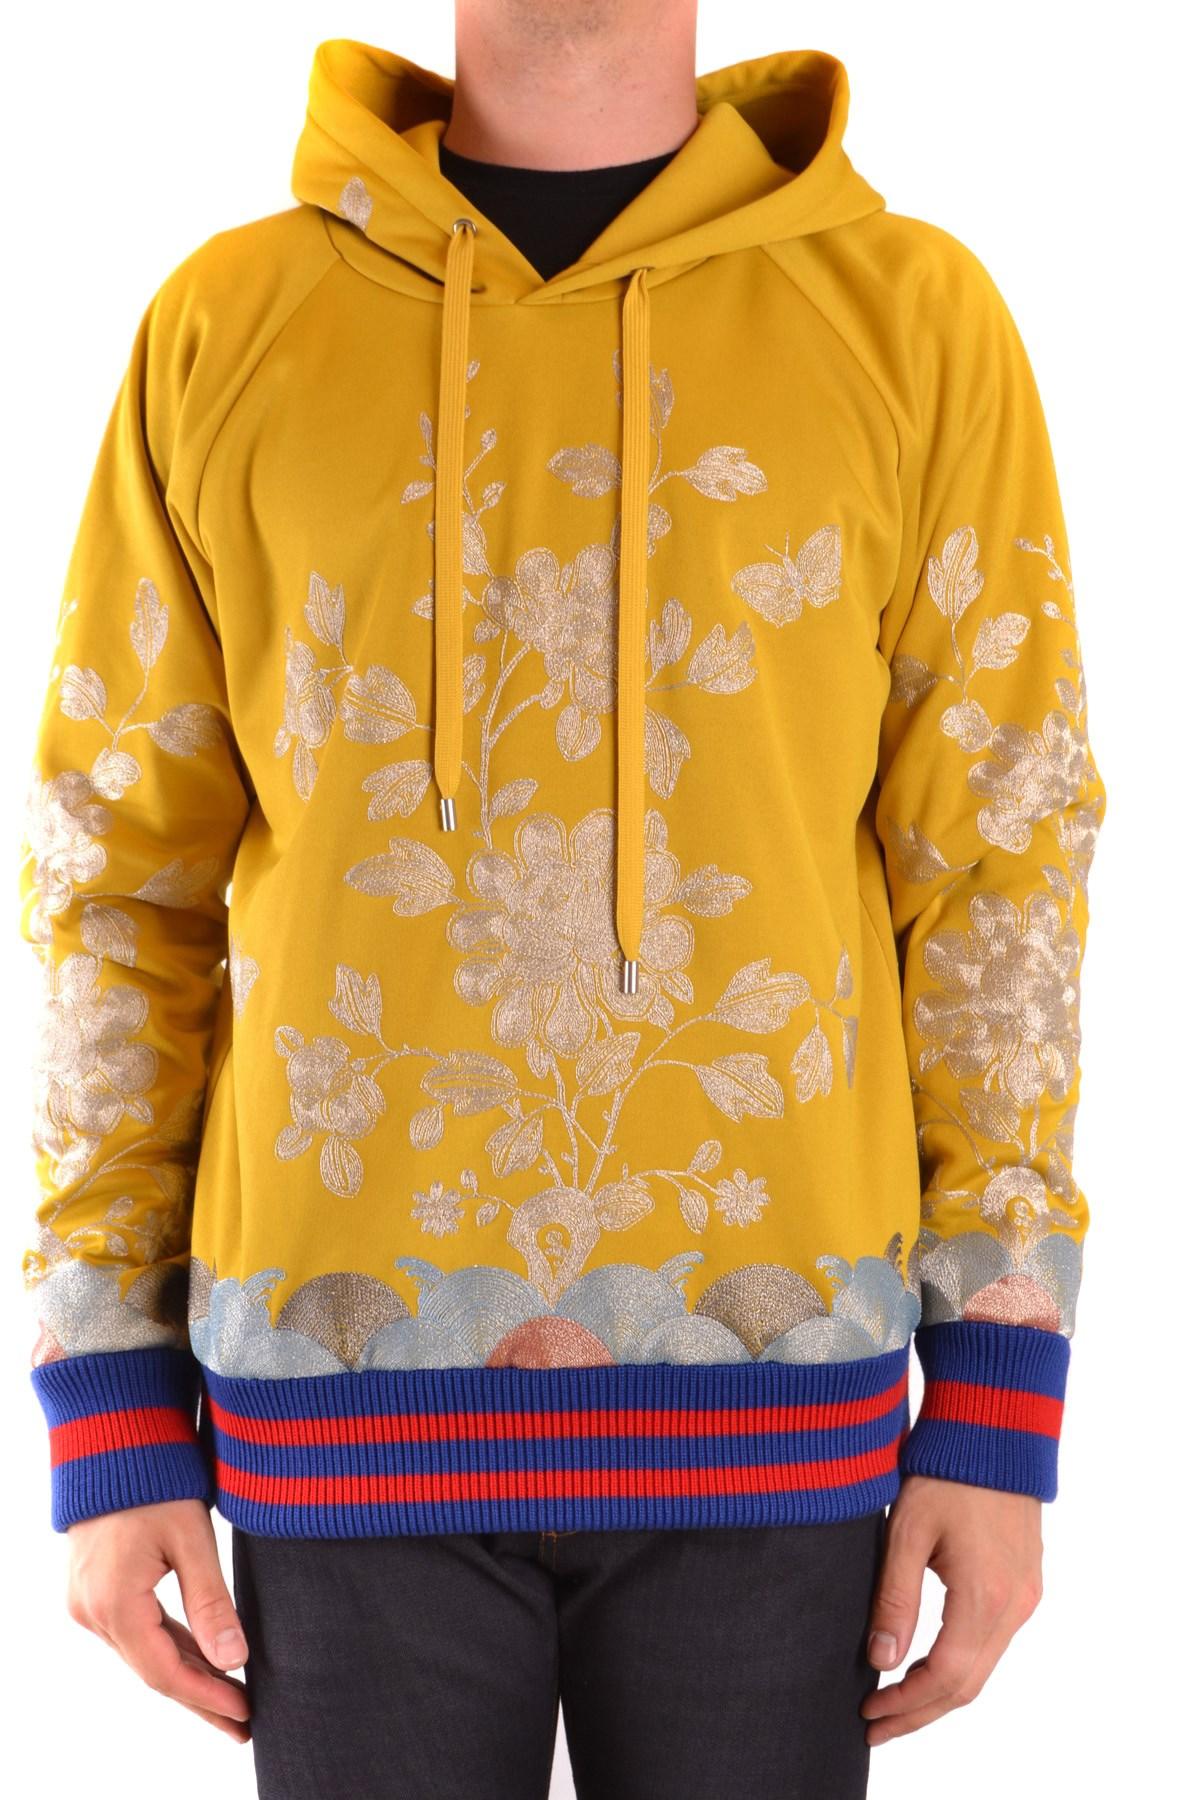 구찌 맨투맨 yellow polyester EZBC012011